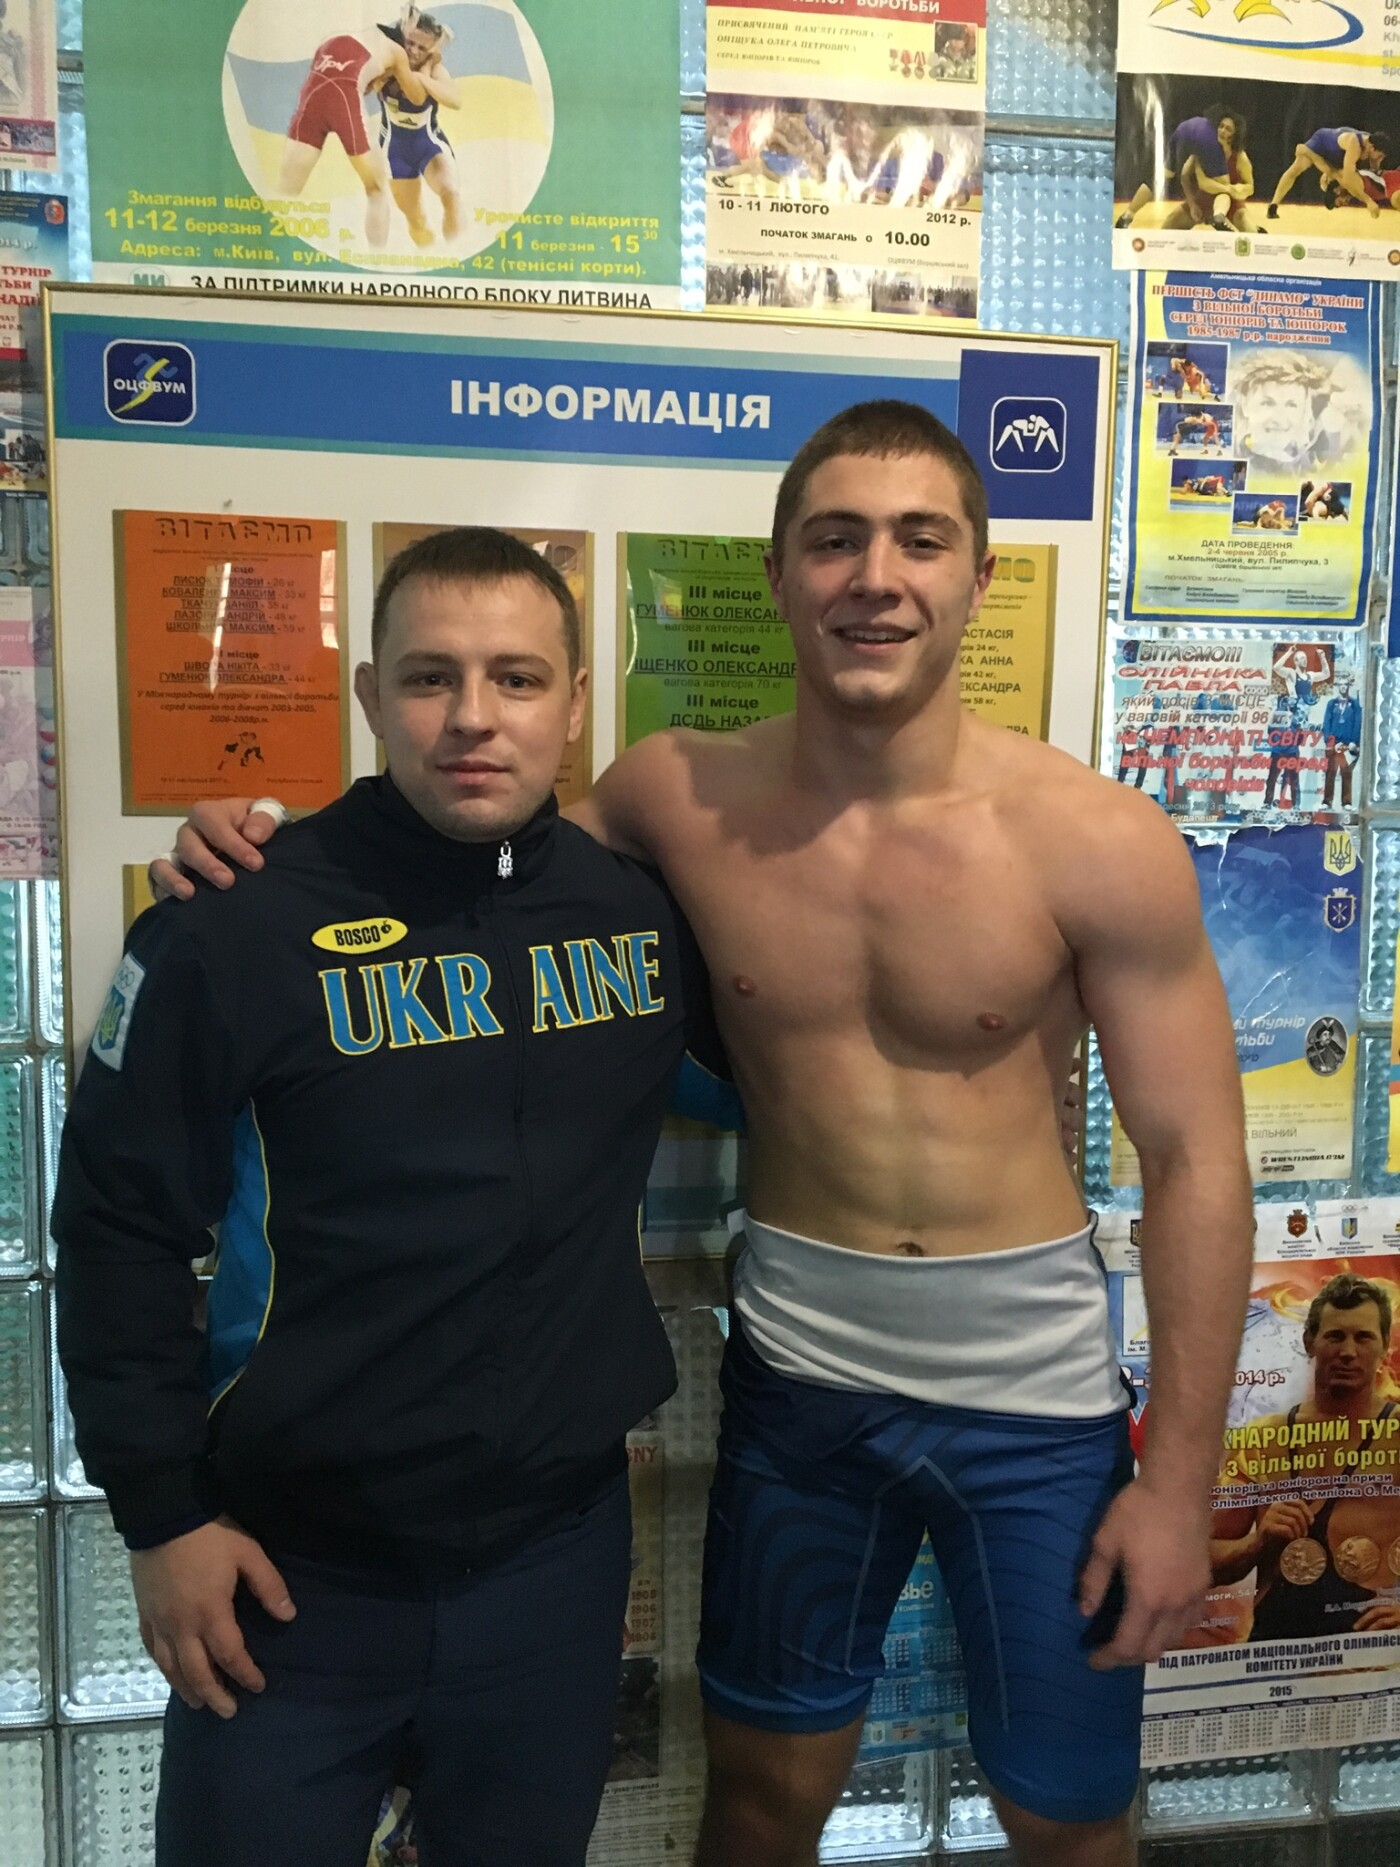 Кам'янчанин став чемпіоном на Всеукраїнському турнірі з вільної боротьби, фото-1